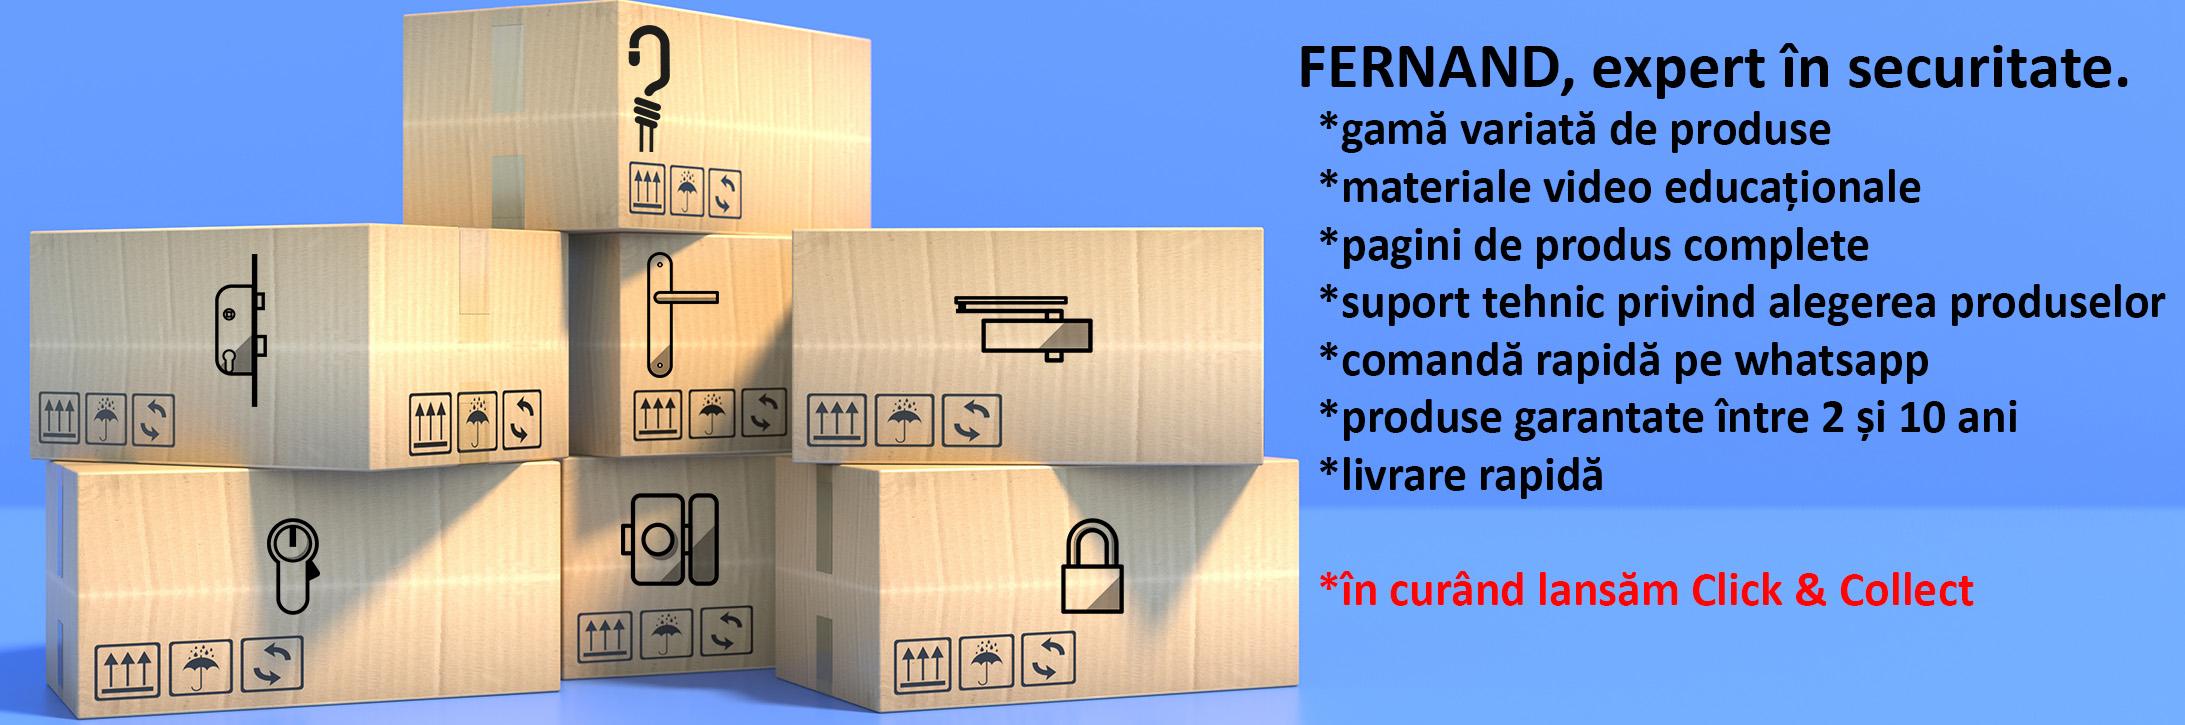 concept fernand